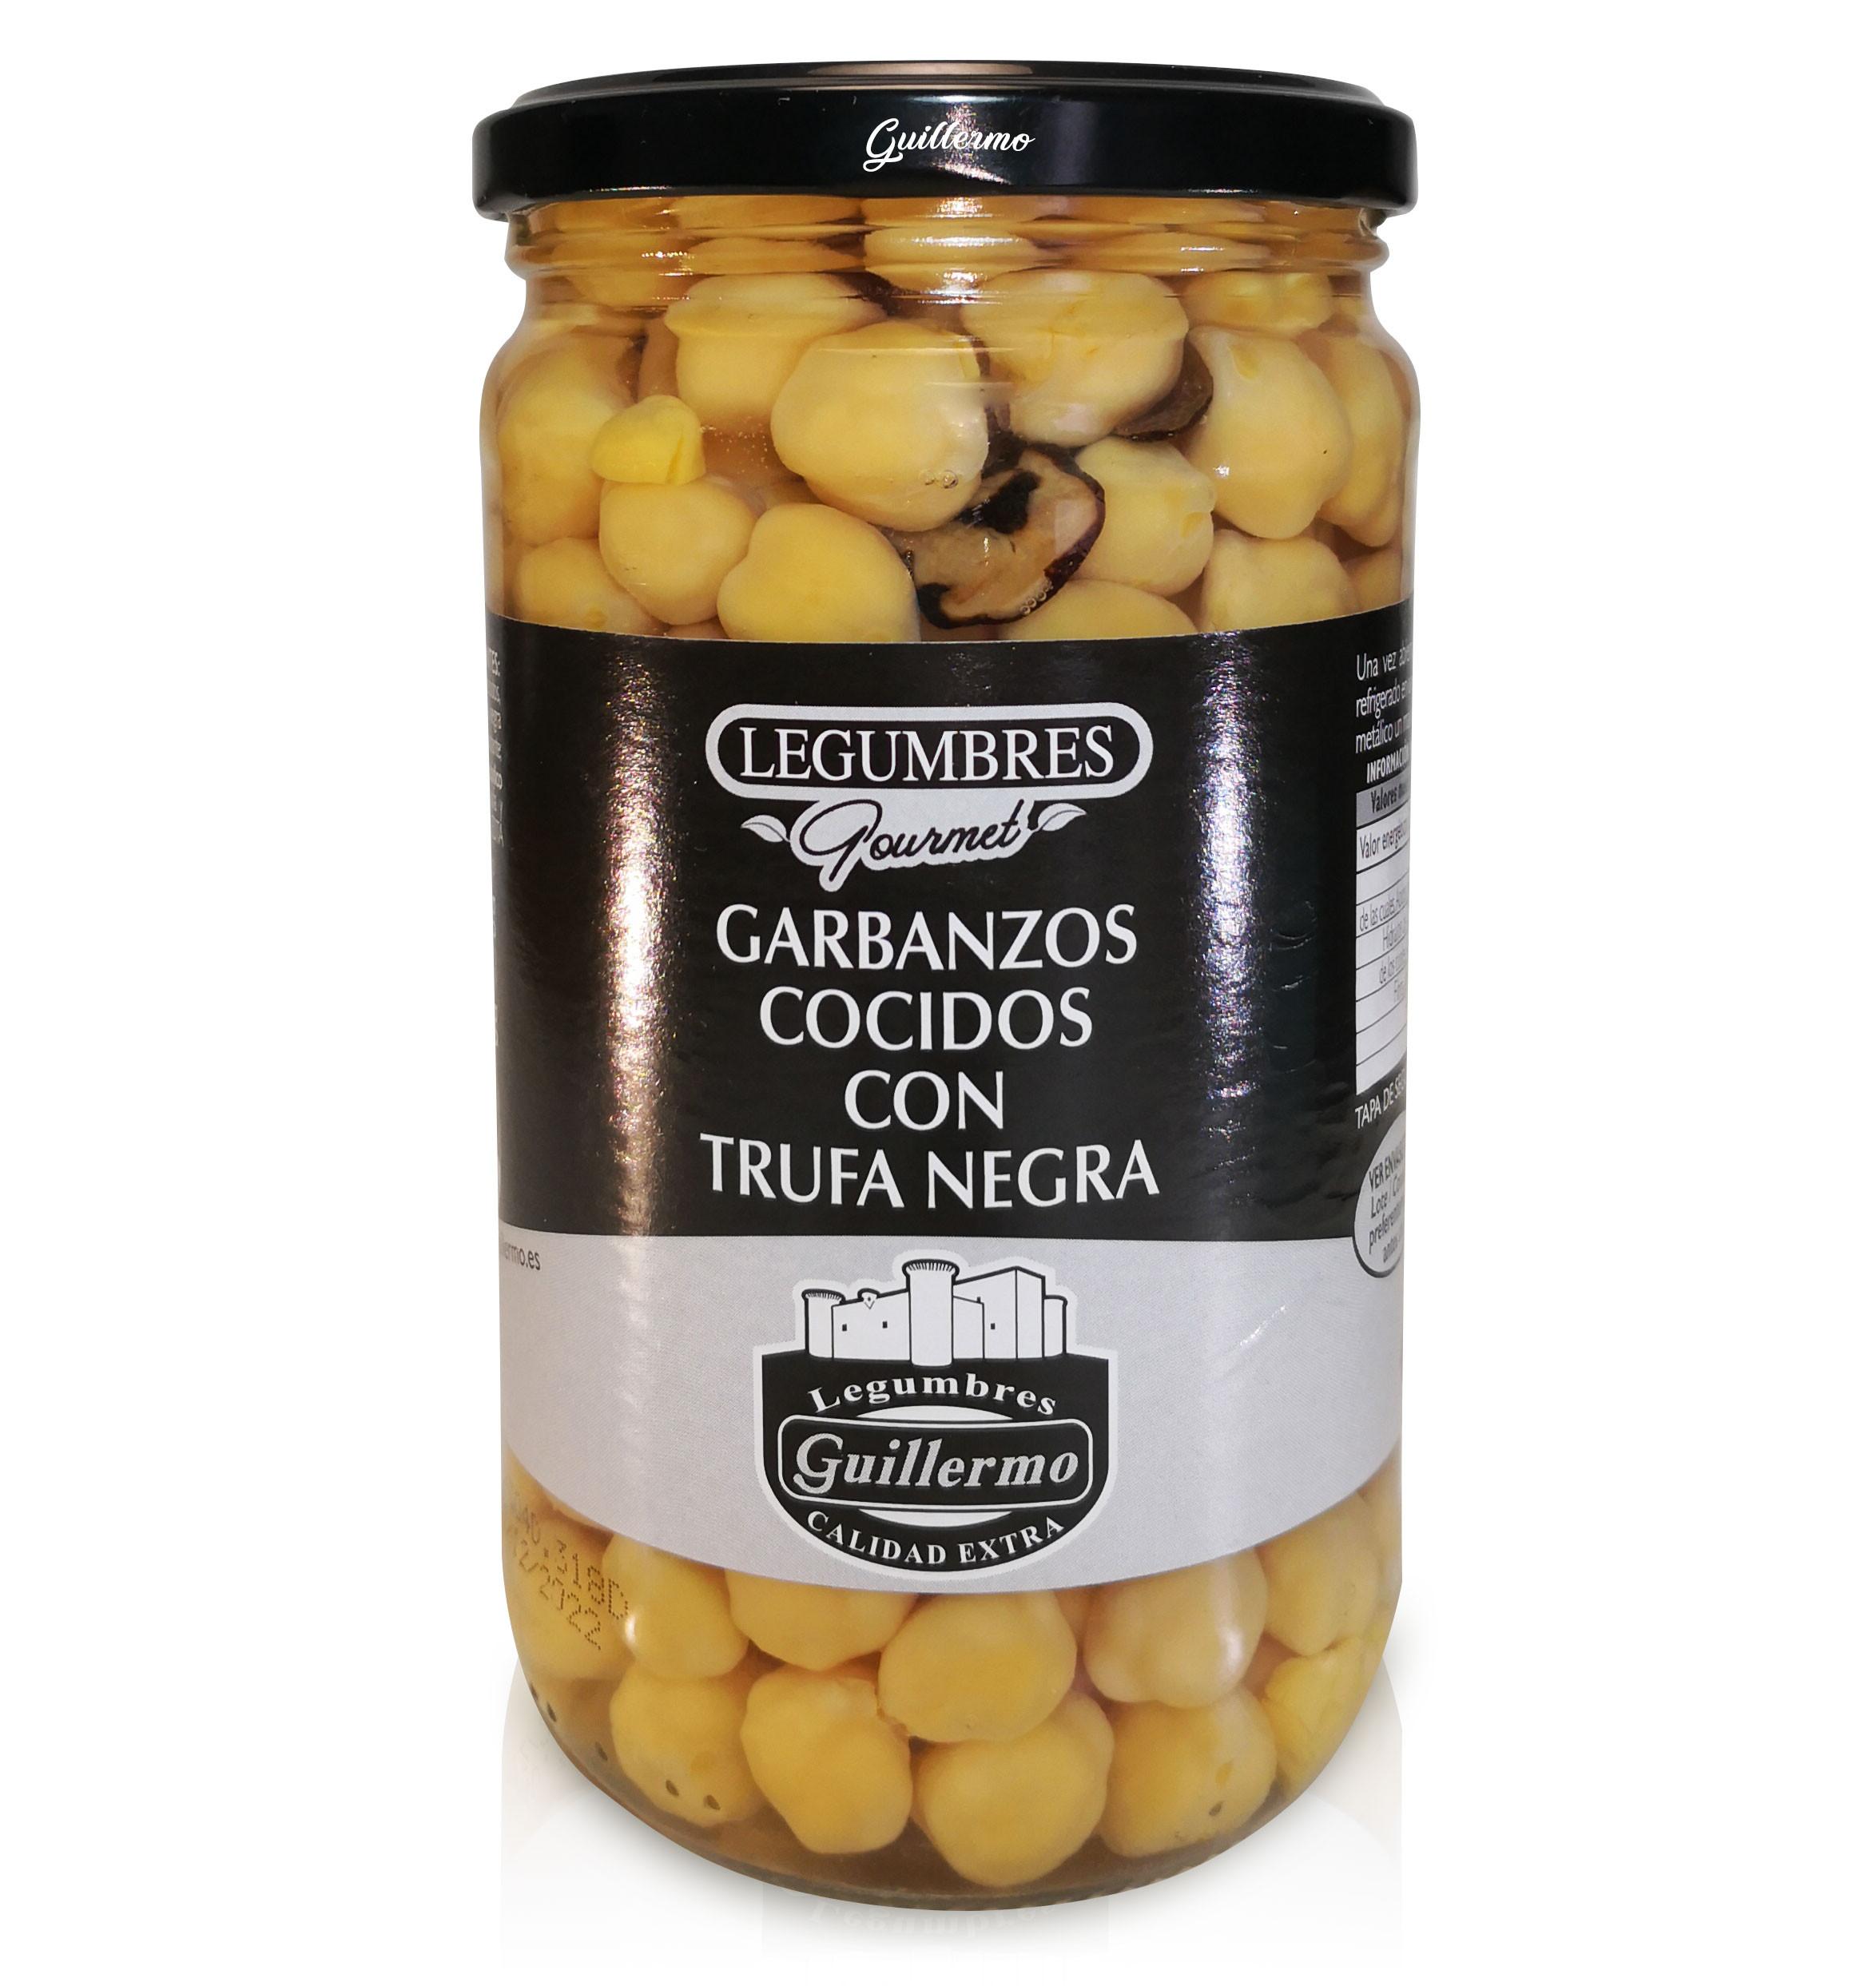 Guillermo Garbanzos Cocidos con Trufa Negra Gourmet Calidad Extra Conserva Tarro 540gr